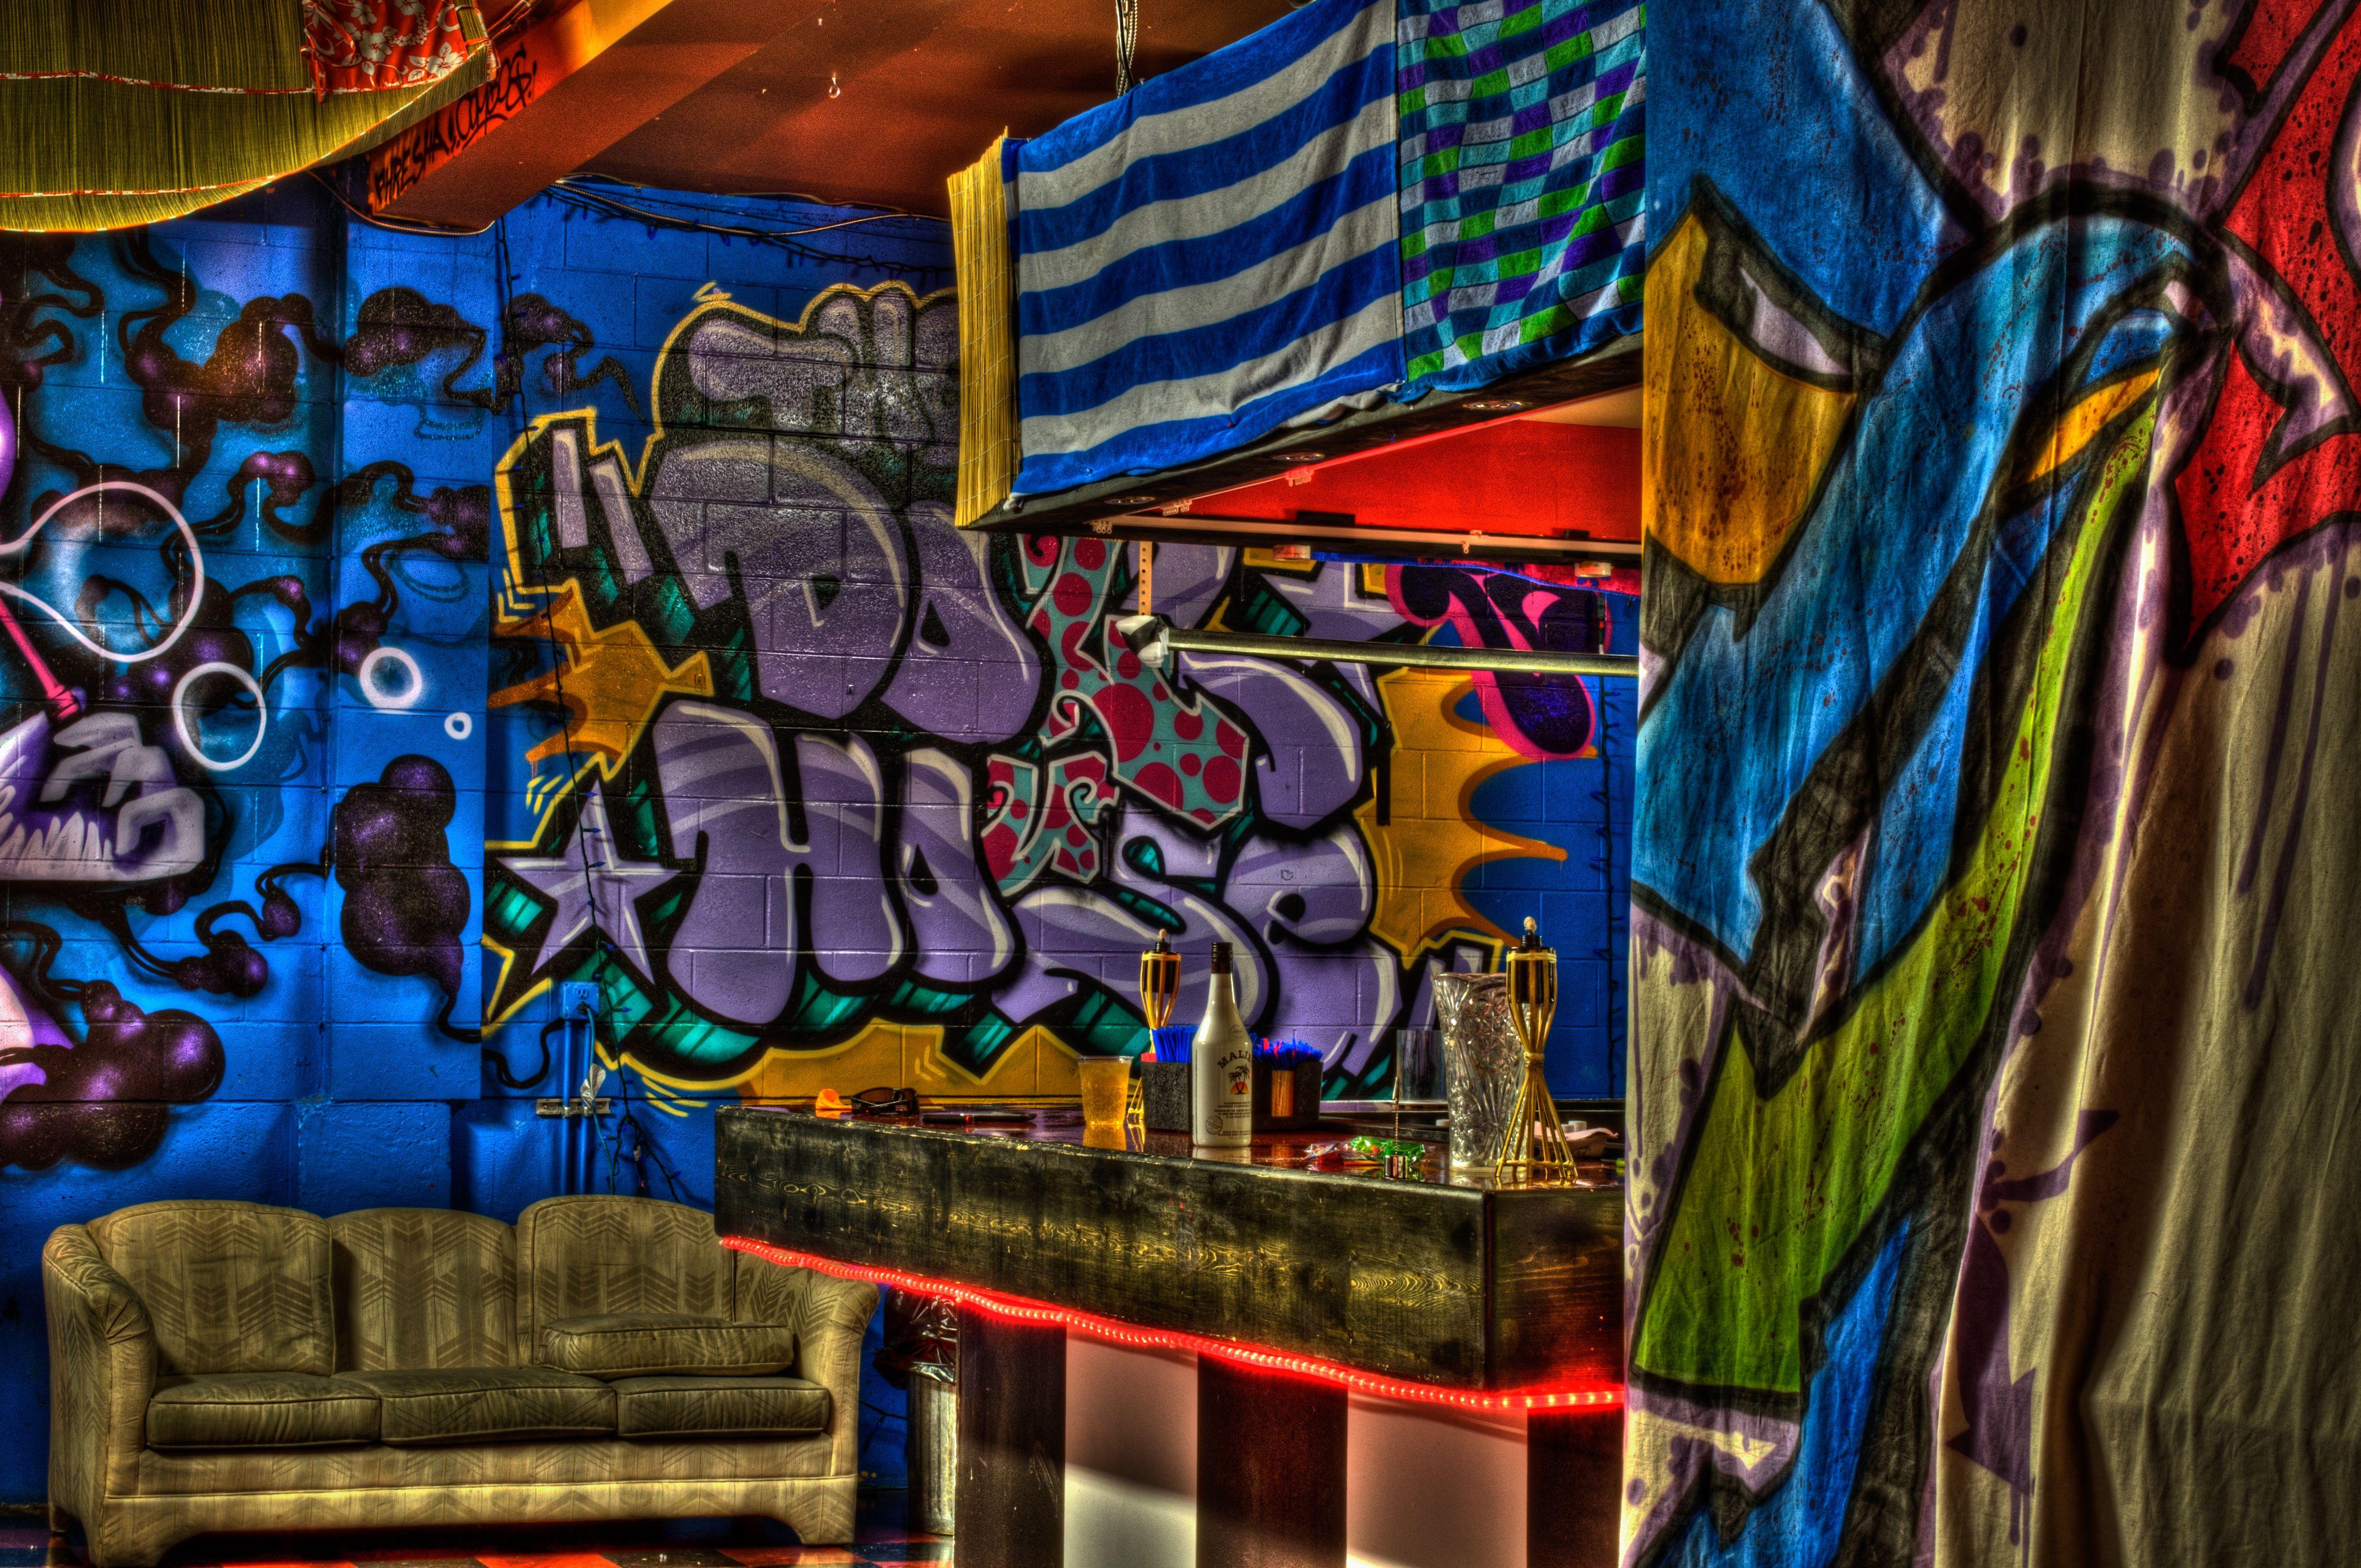 Graffiti 4k Ultra HD Wallpaper | Background Image ...